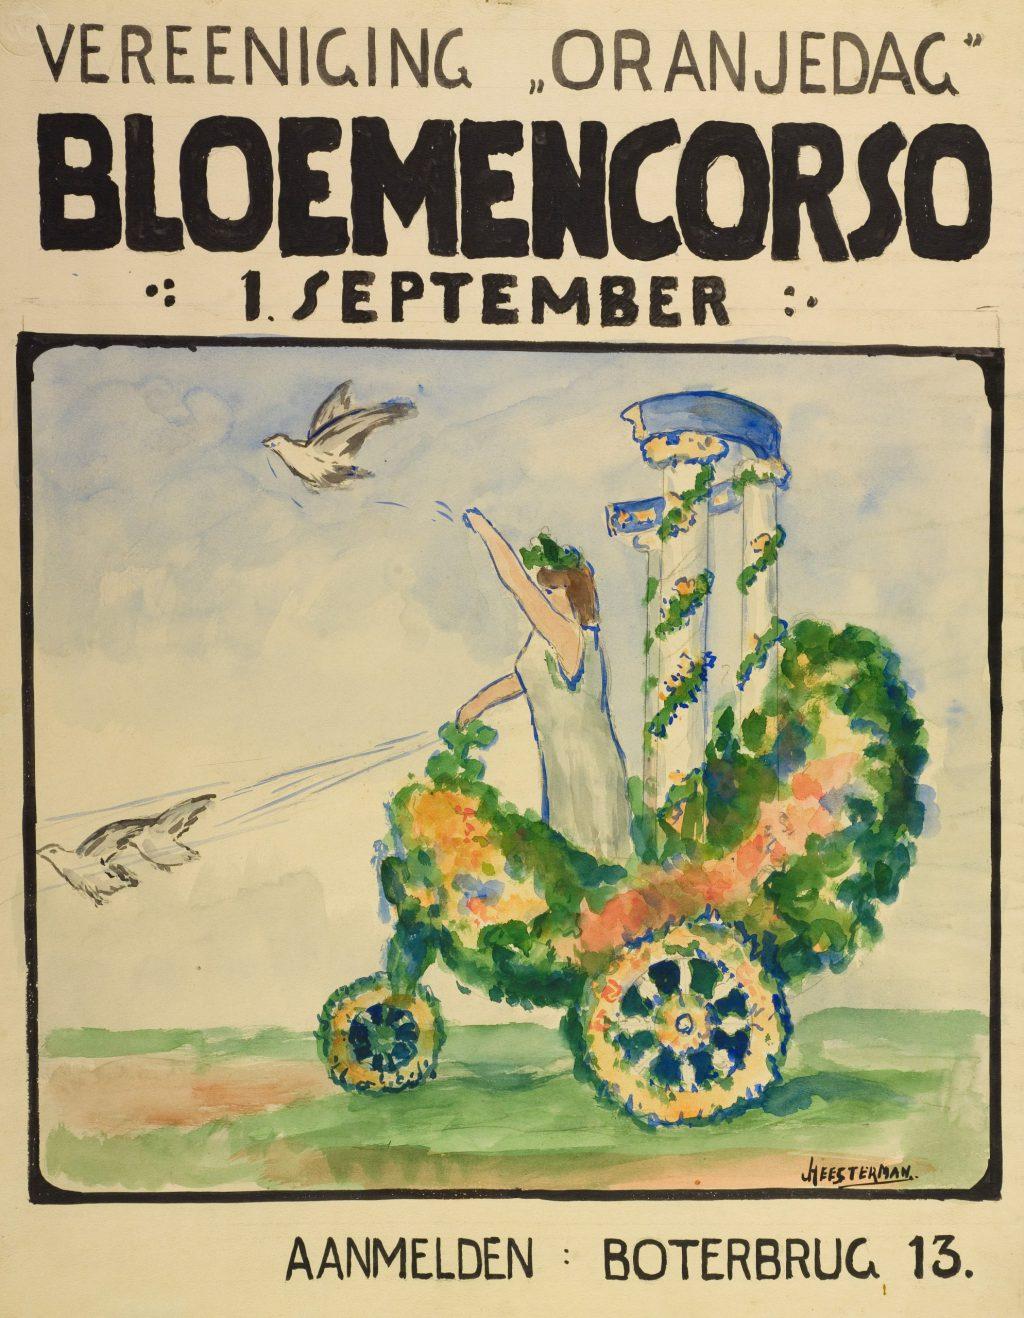 Jan Heesterman, Affiche voor het bloemencorso voor Vereniging Oranjedag, ca. 1920 (TMS 65354)